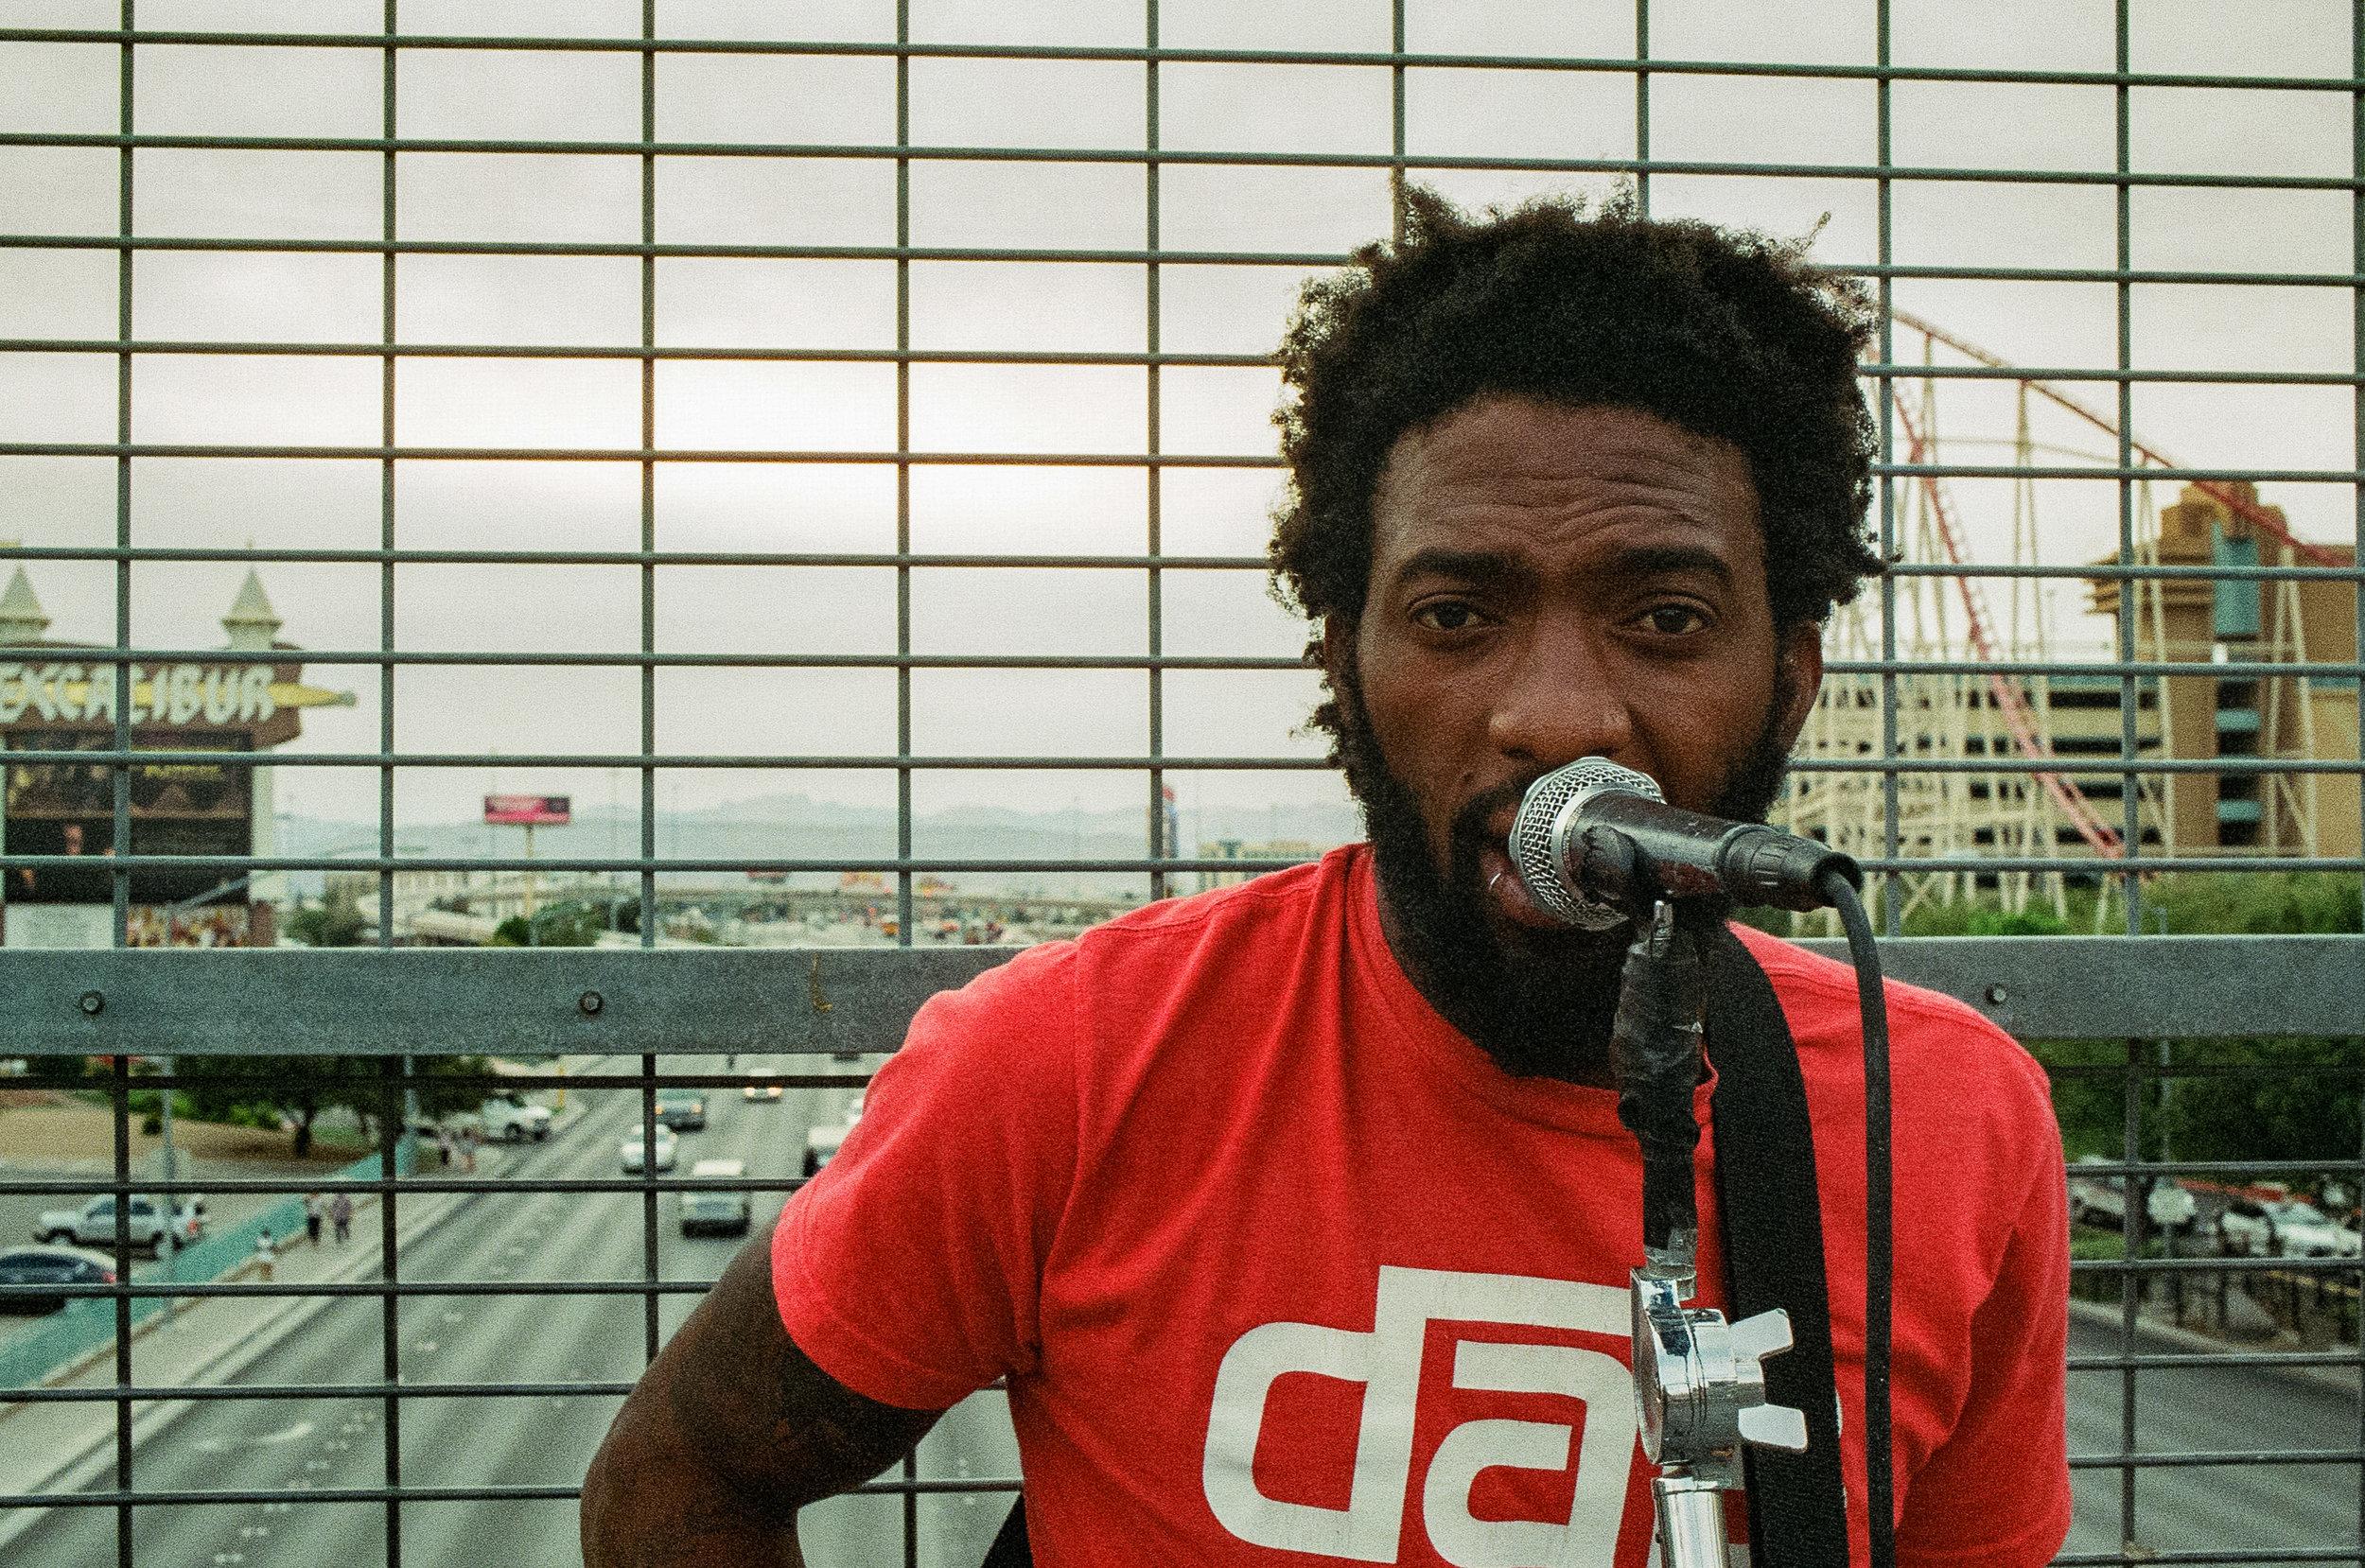 street performer in Las Vegas, Nevada